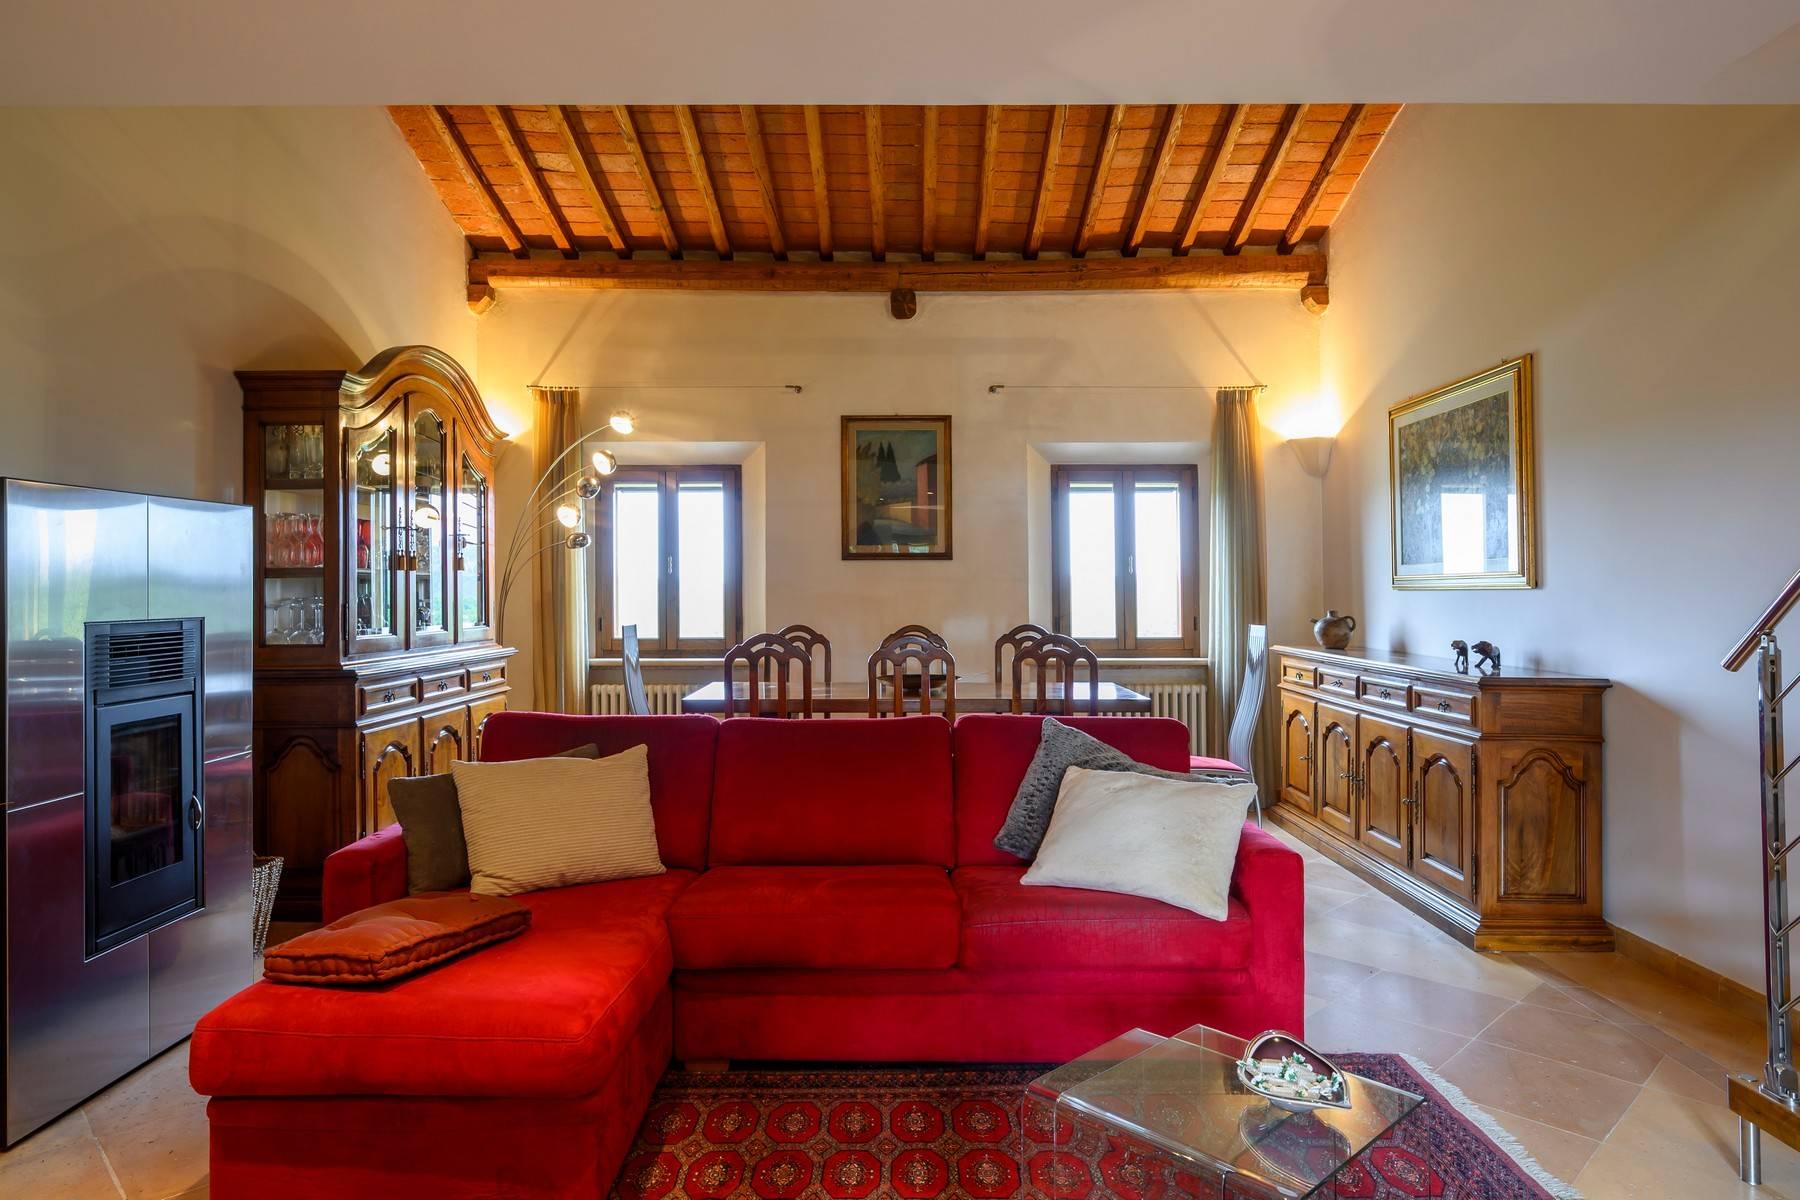 Rustico in Vendita a Montepulciano: 5 locali, 377 mq - Foto 7